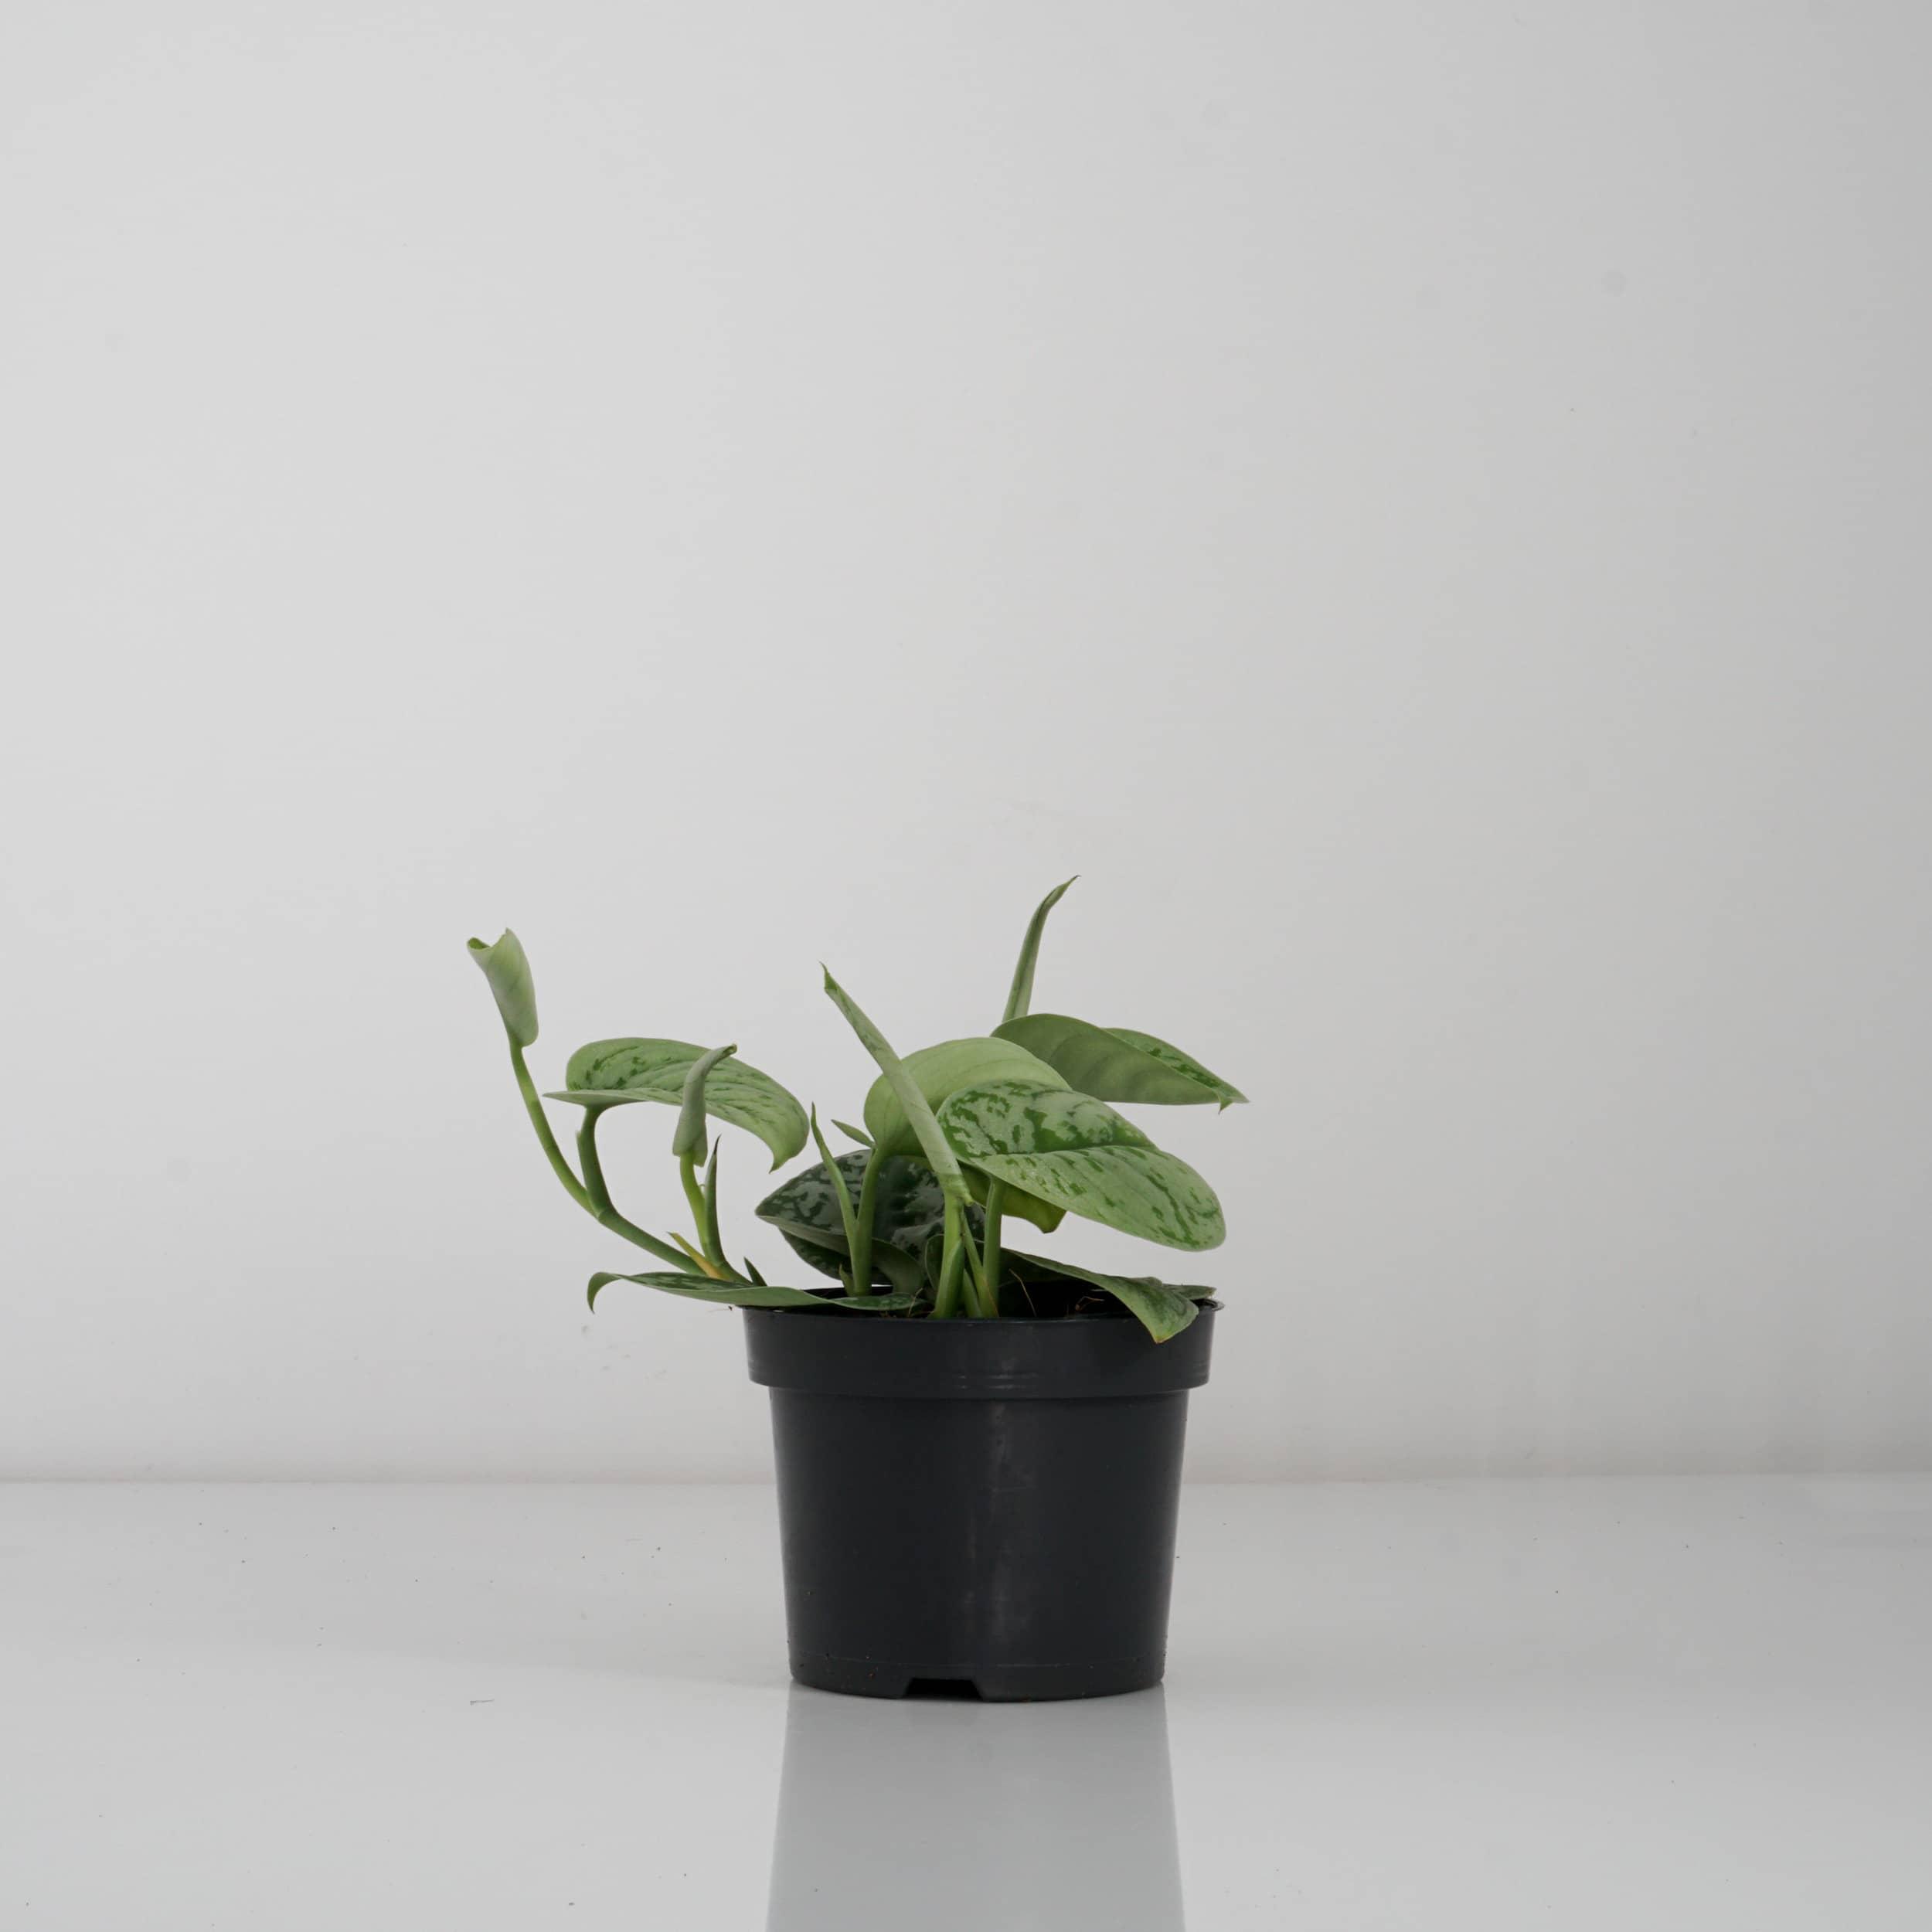 Scindapsus pictus 'Trebie' - Gefleckte Efeutute